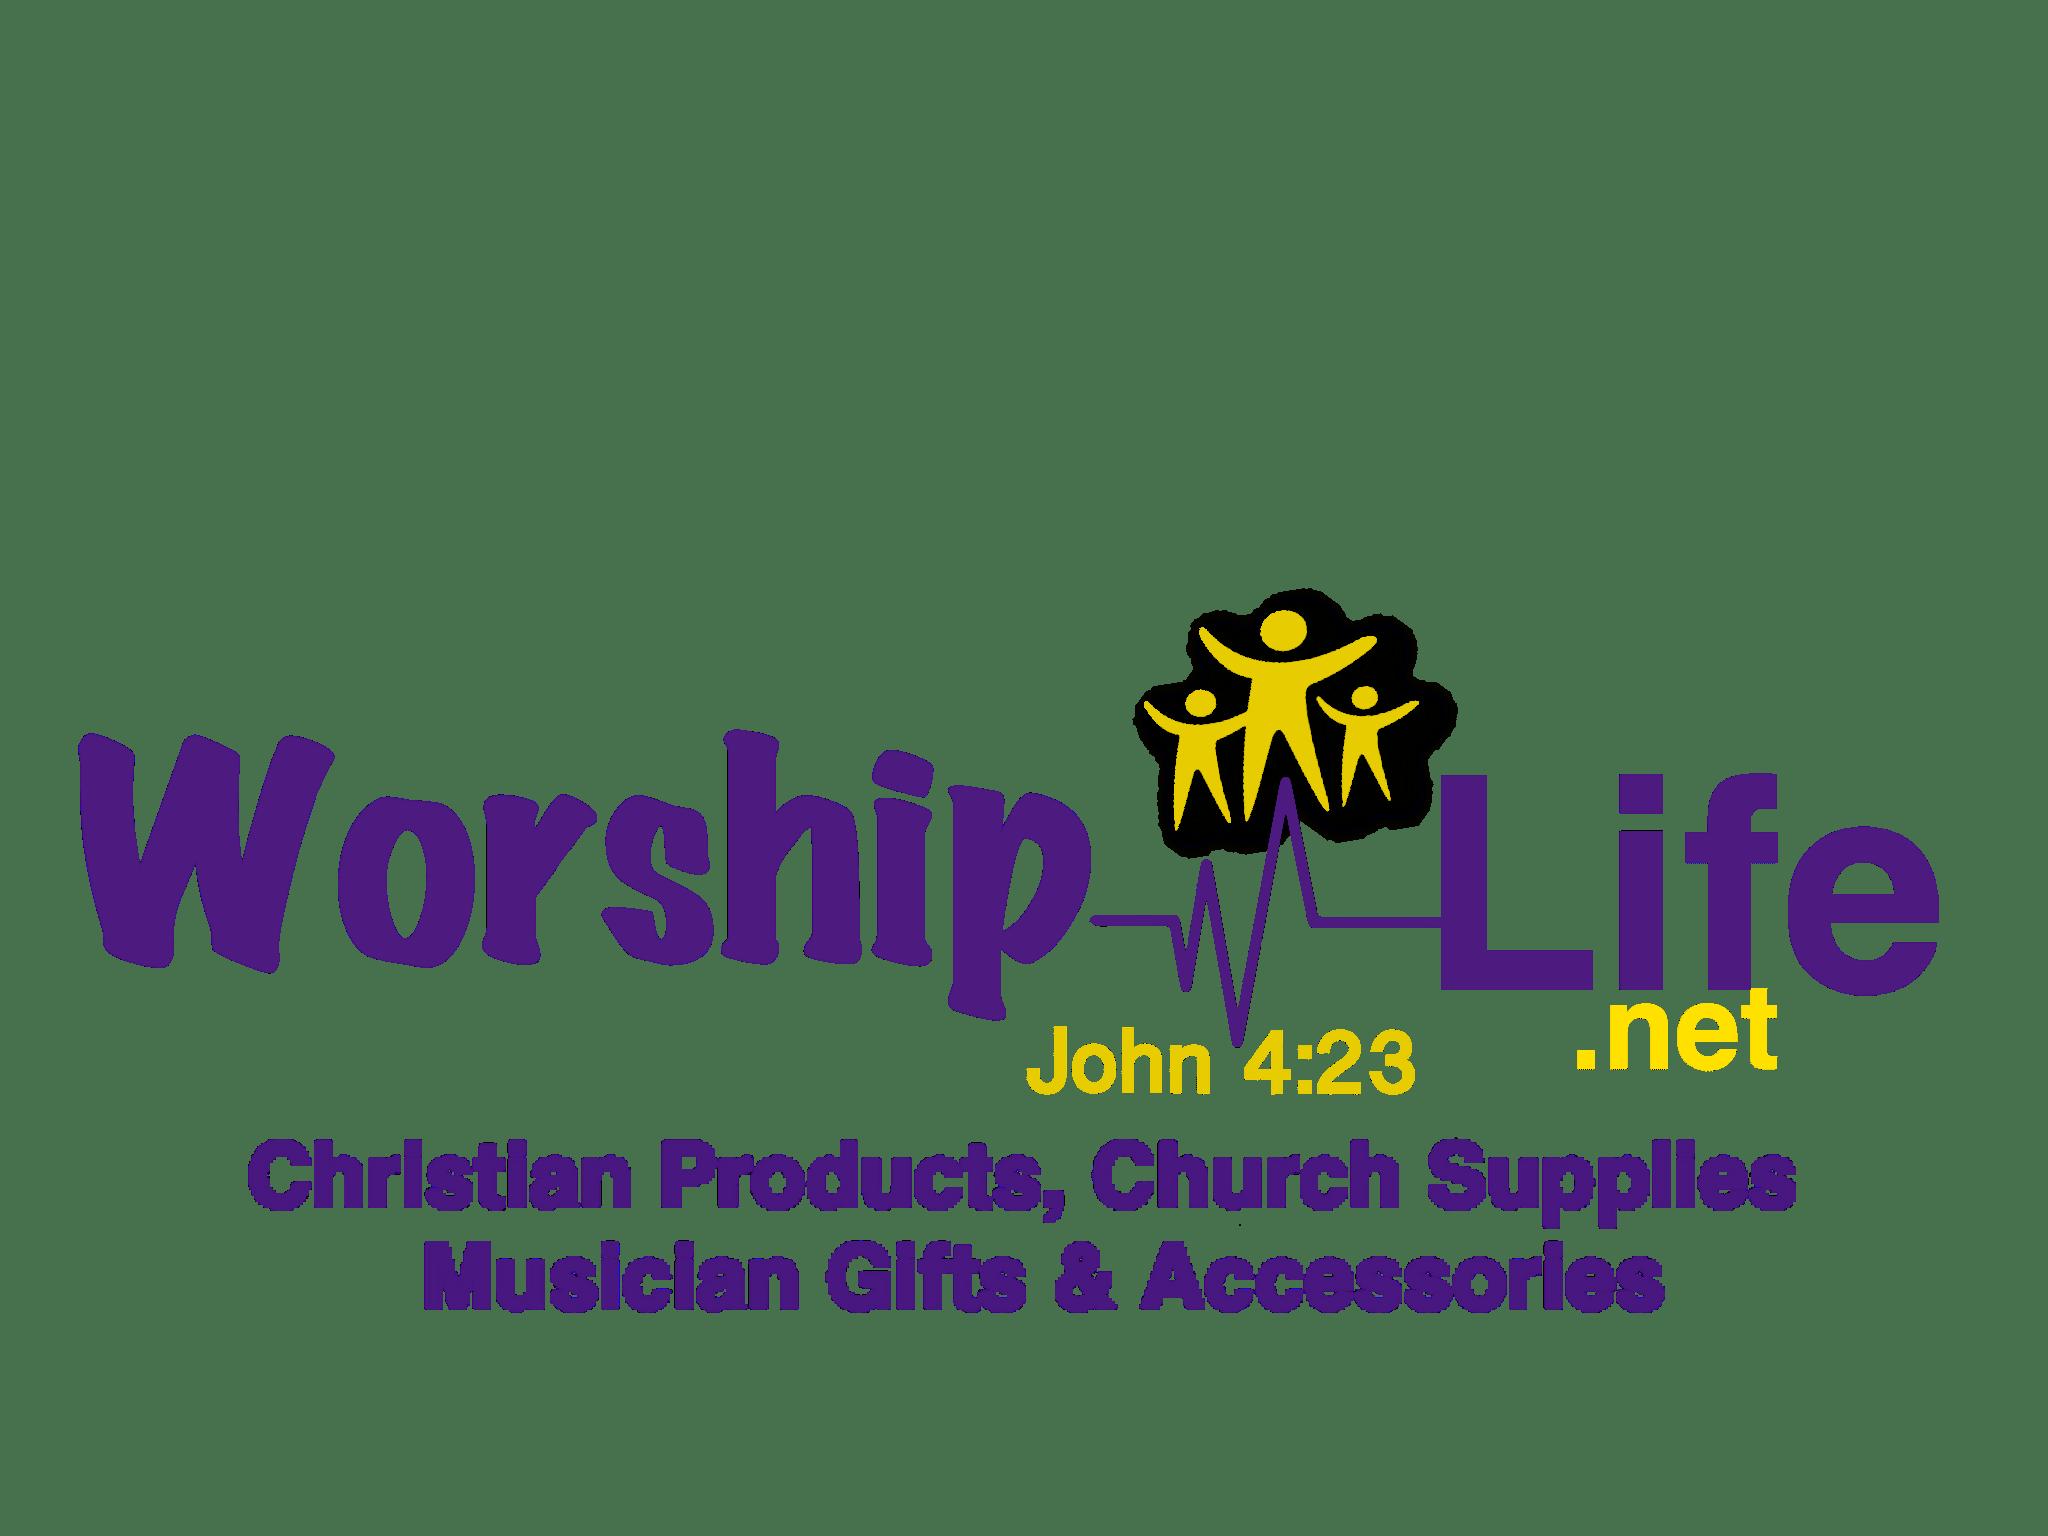 Worship-Life